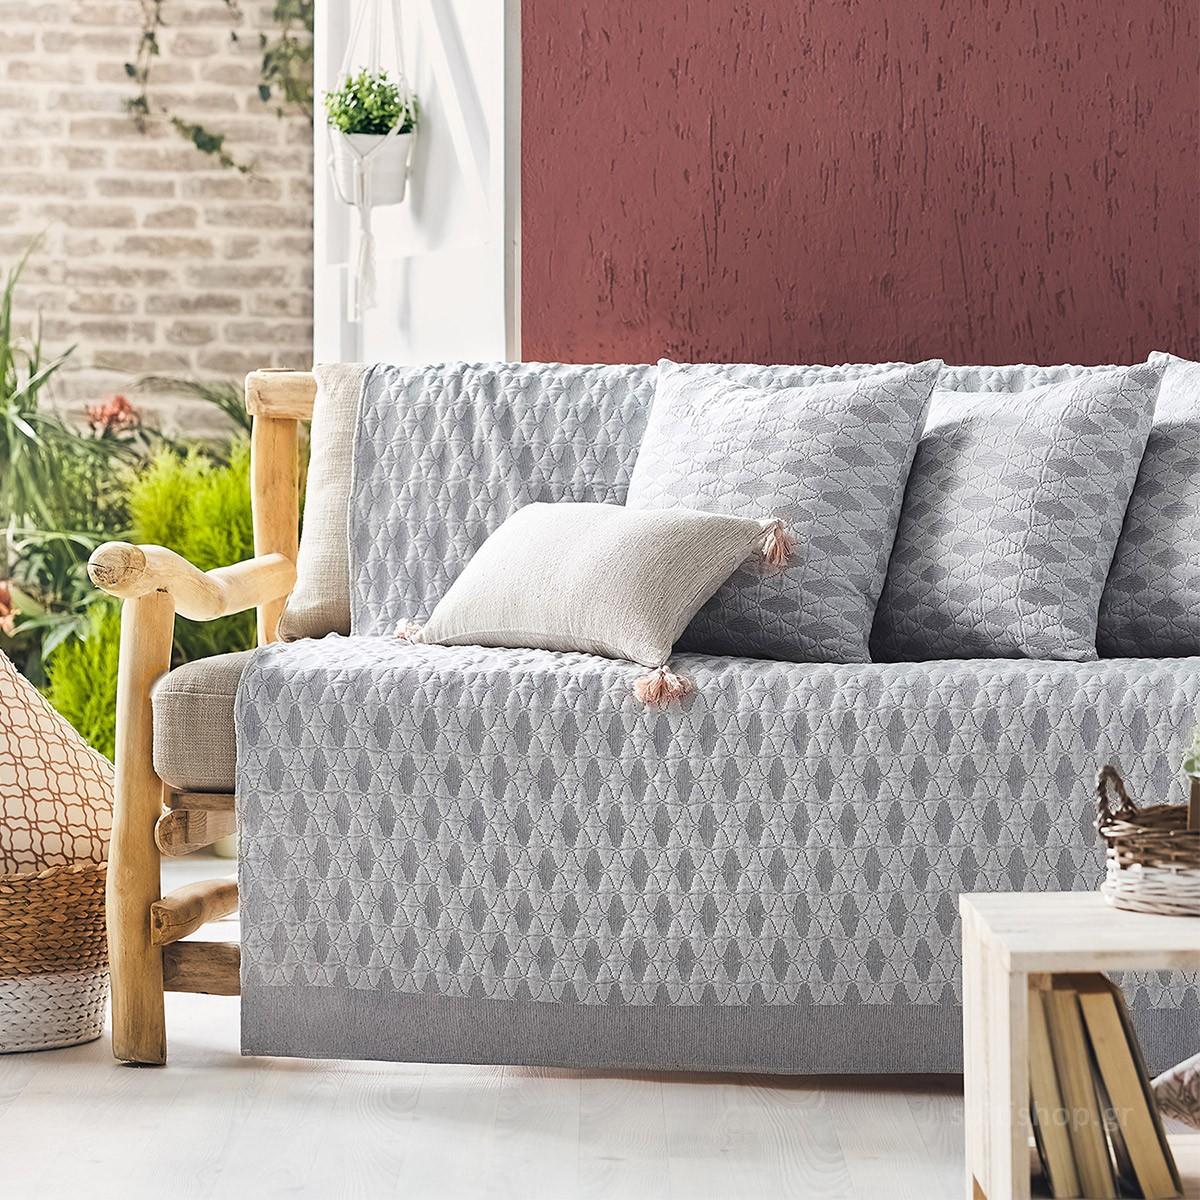 Ριχτάρι Πολυθρόνας (180x180) Gofis Home Quattro Grey 386/15